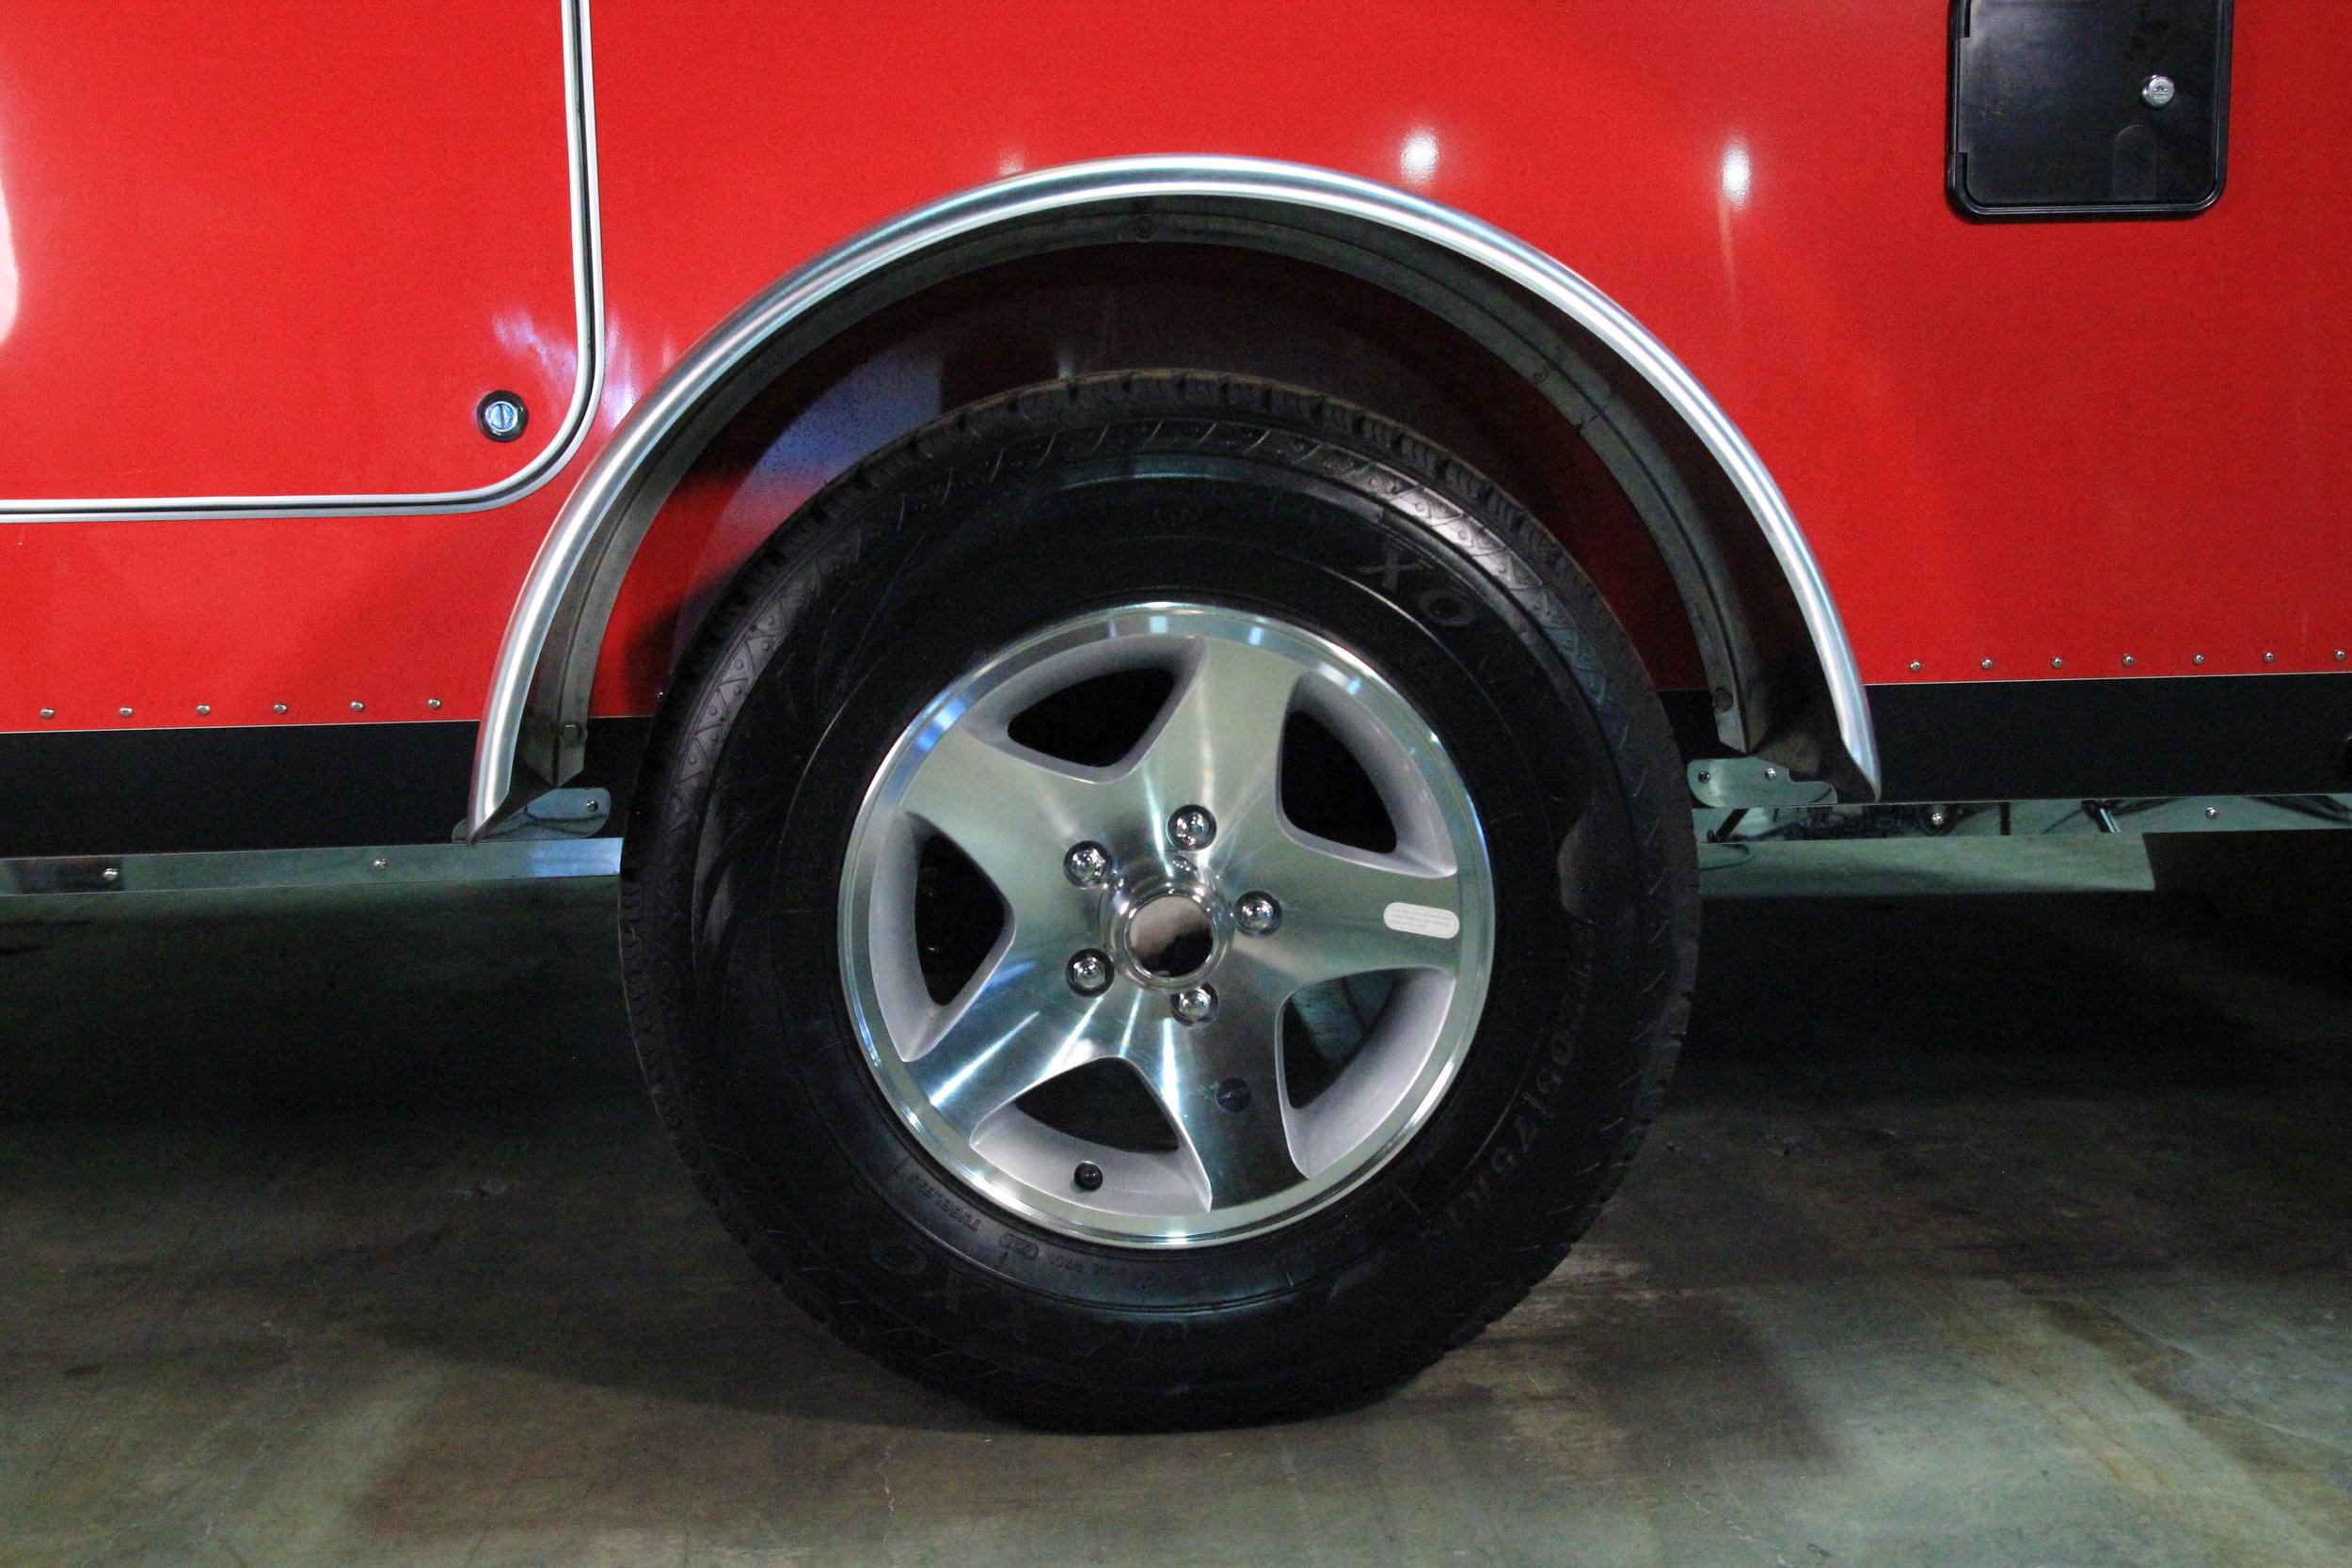 Vistabule teardrop trailer 14%22 alloy wheels.JPG